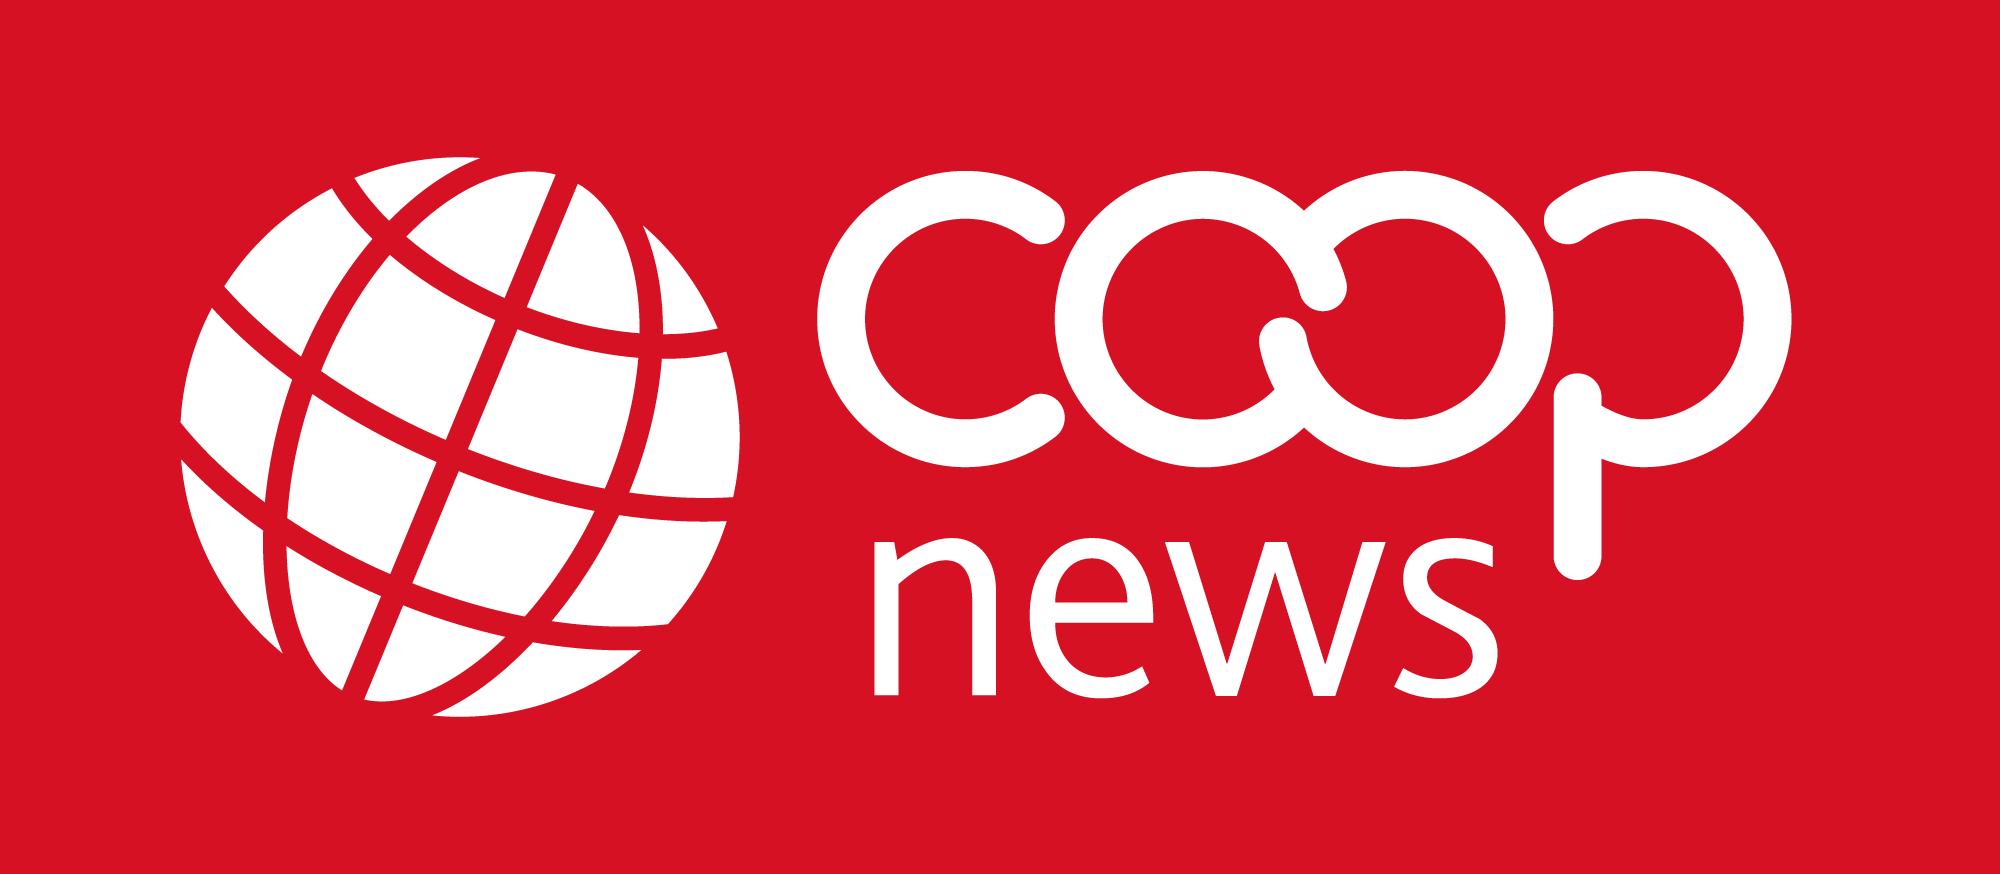 Co-op News